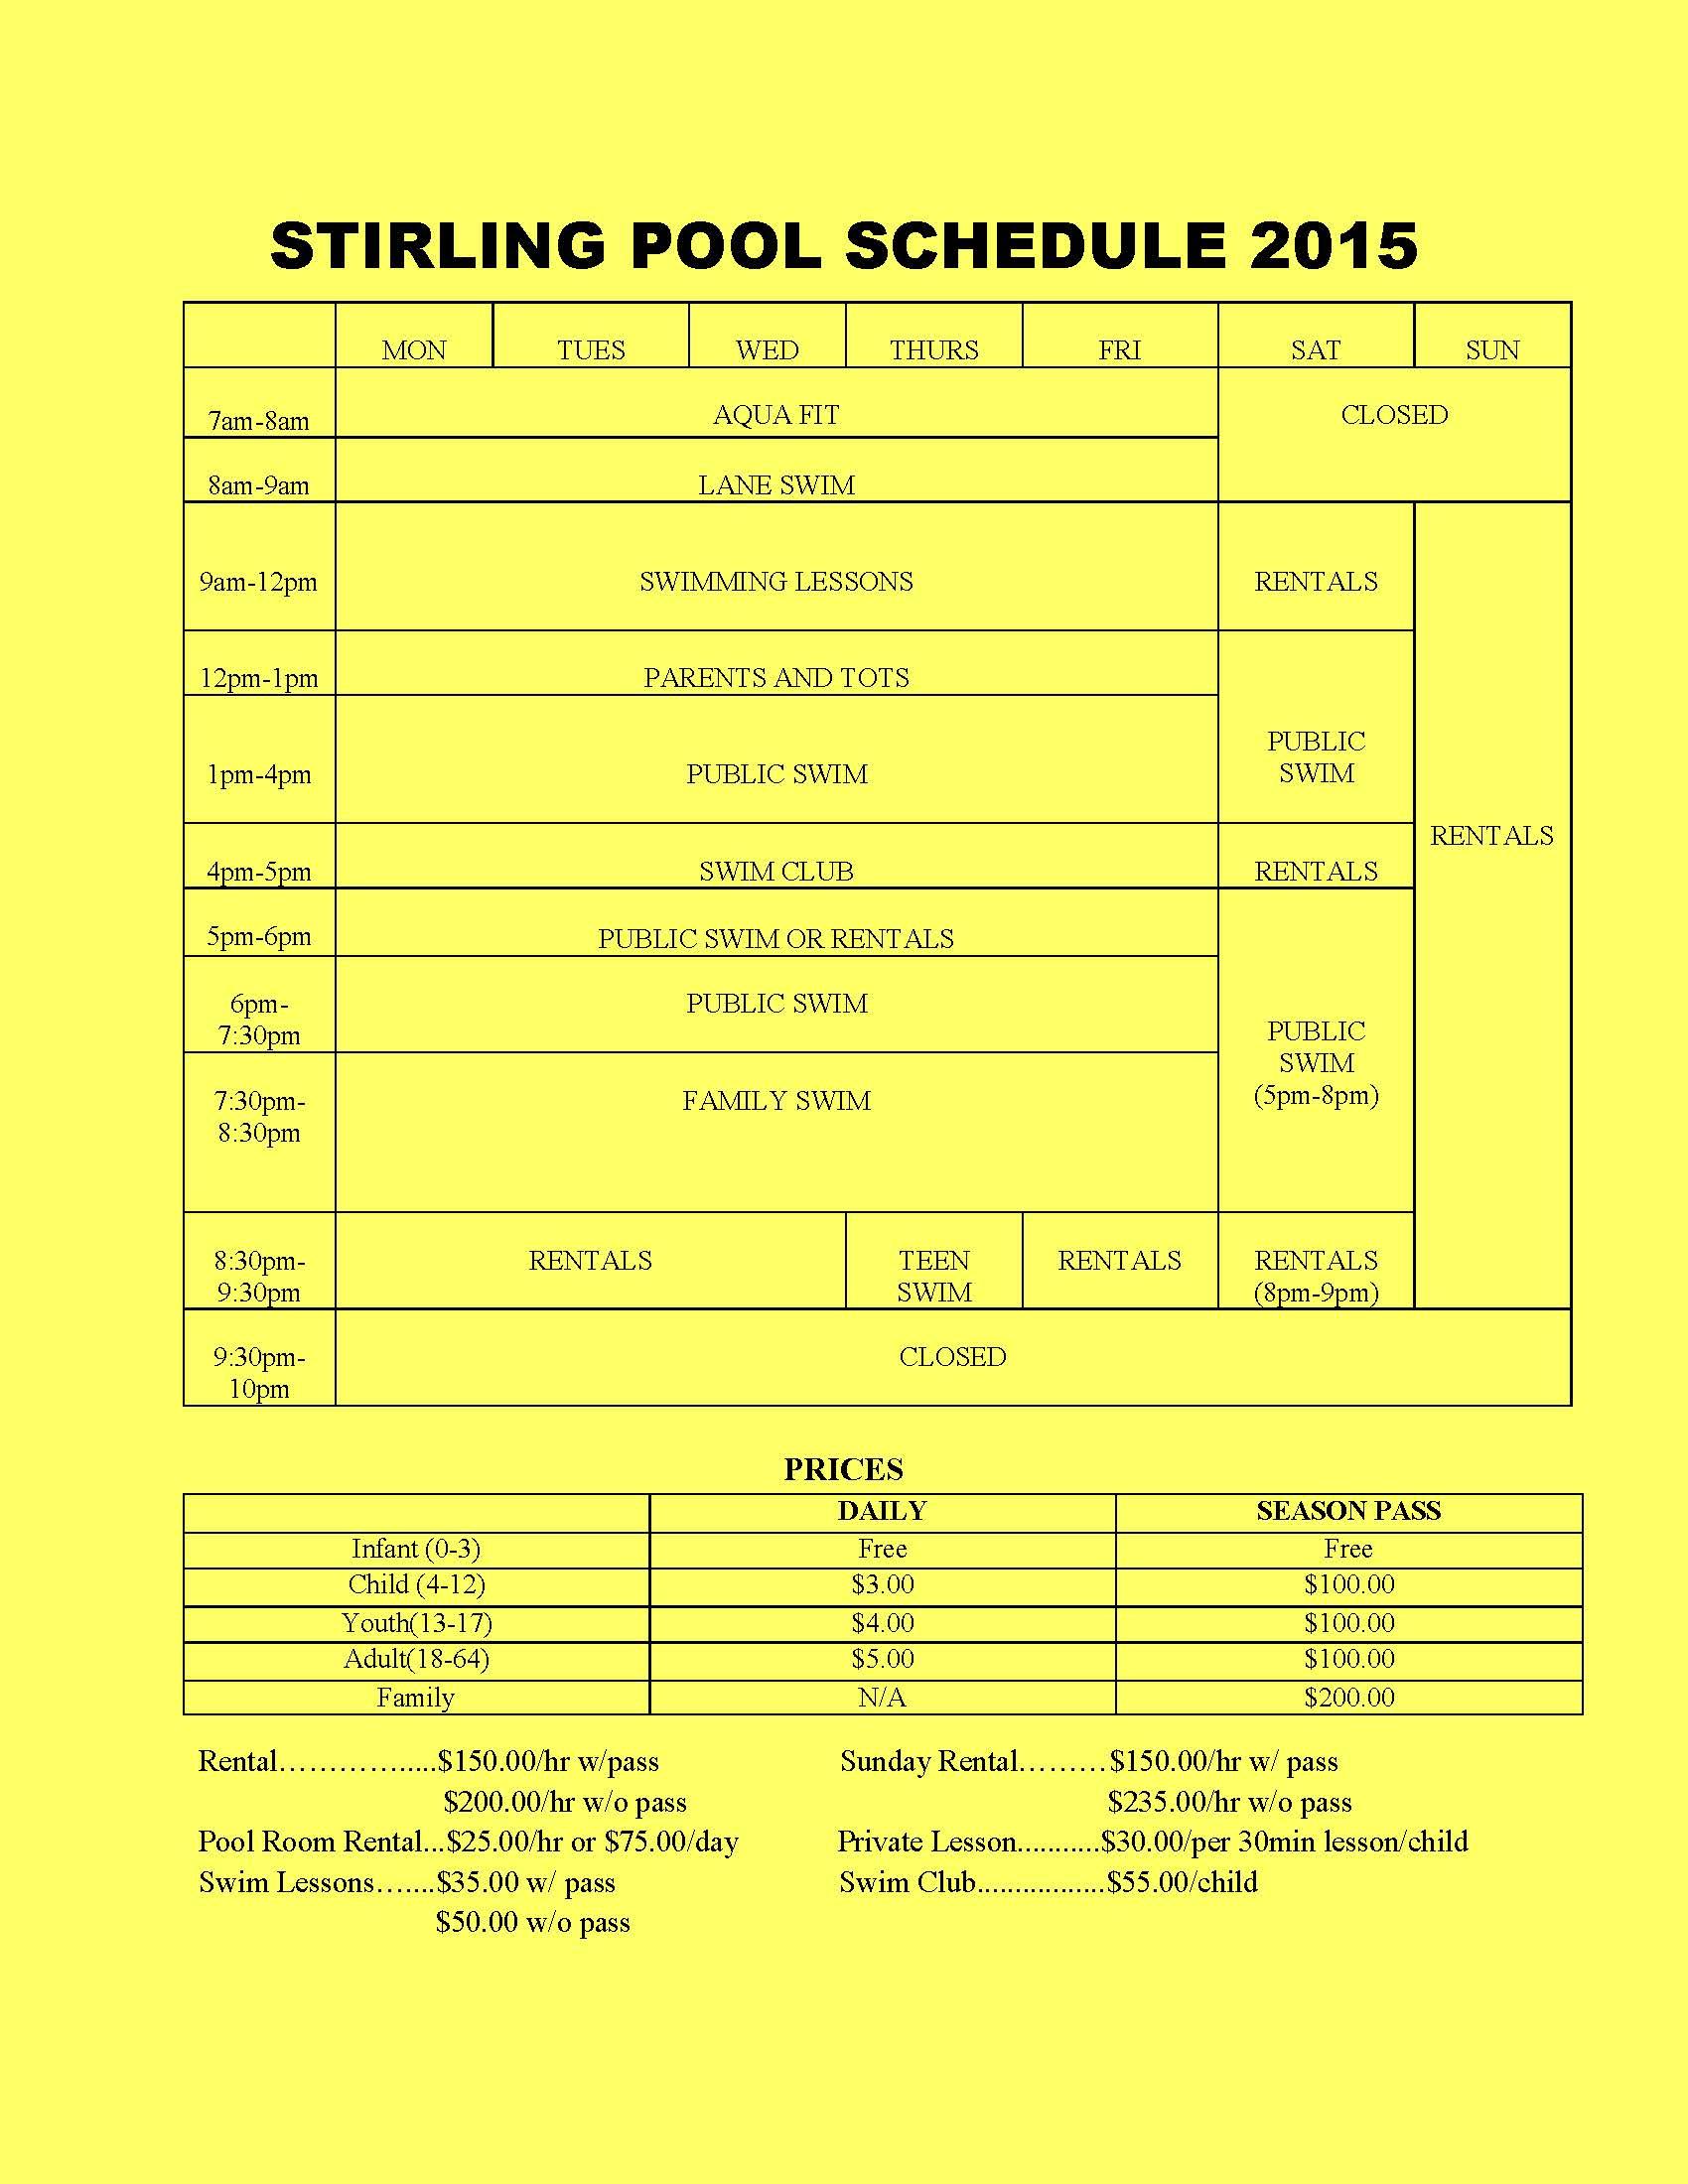 2015 Swimming Pool Season Village Of Stirling